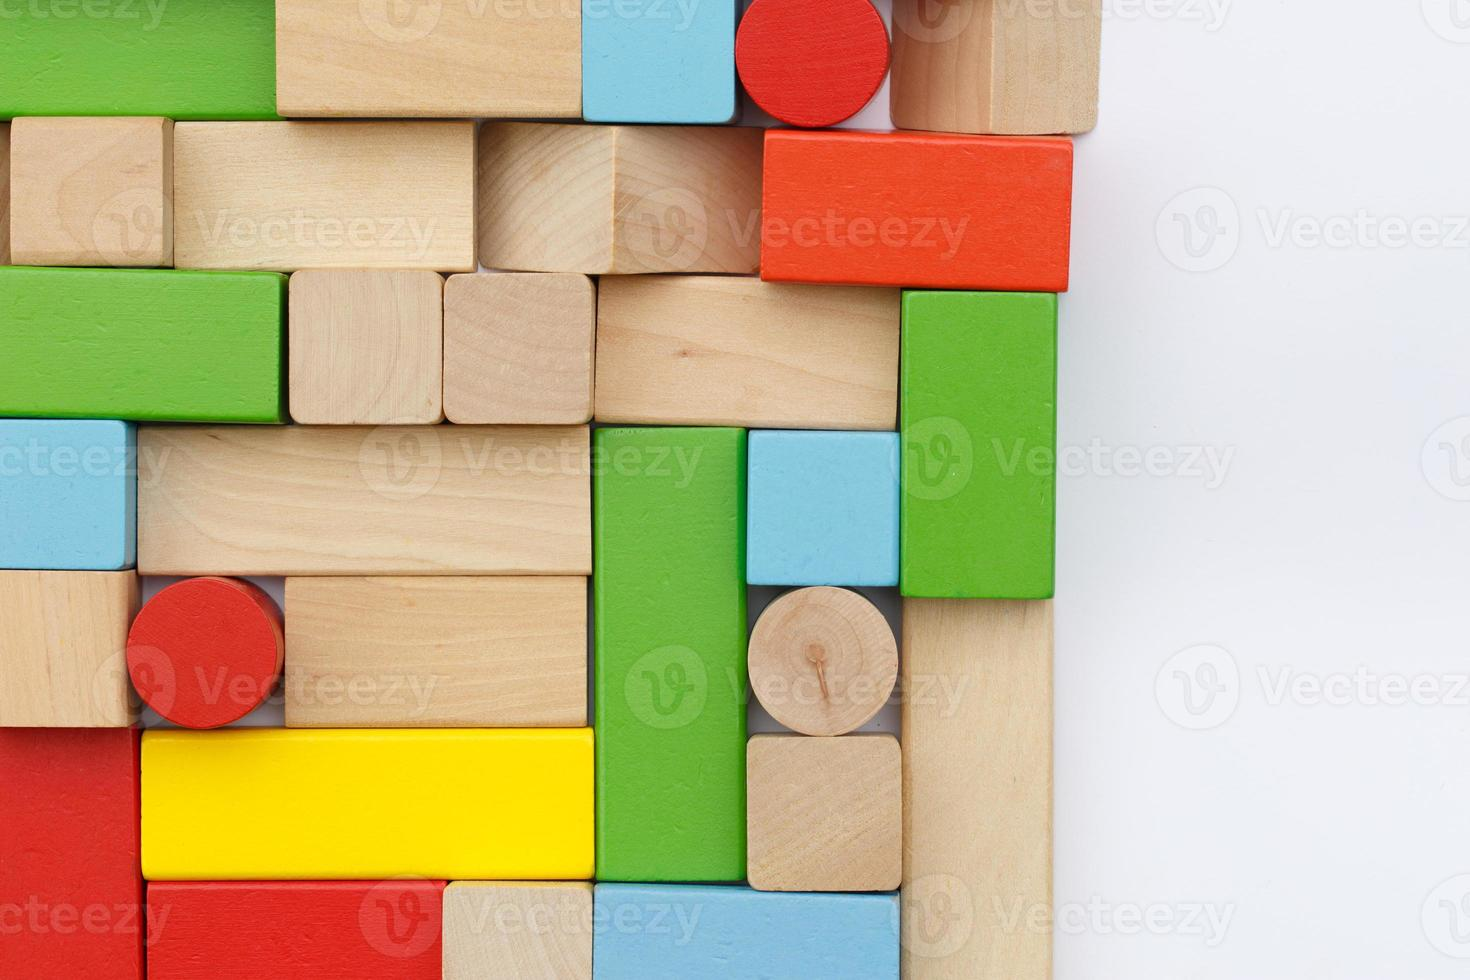 blocs de construction en bois isolés sur fond blanc photo